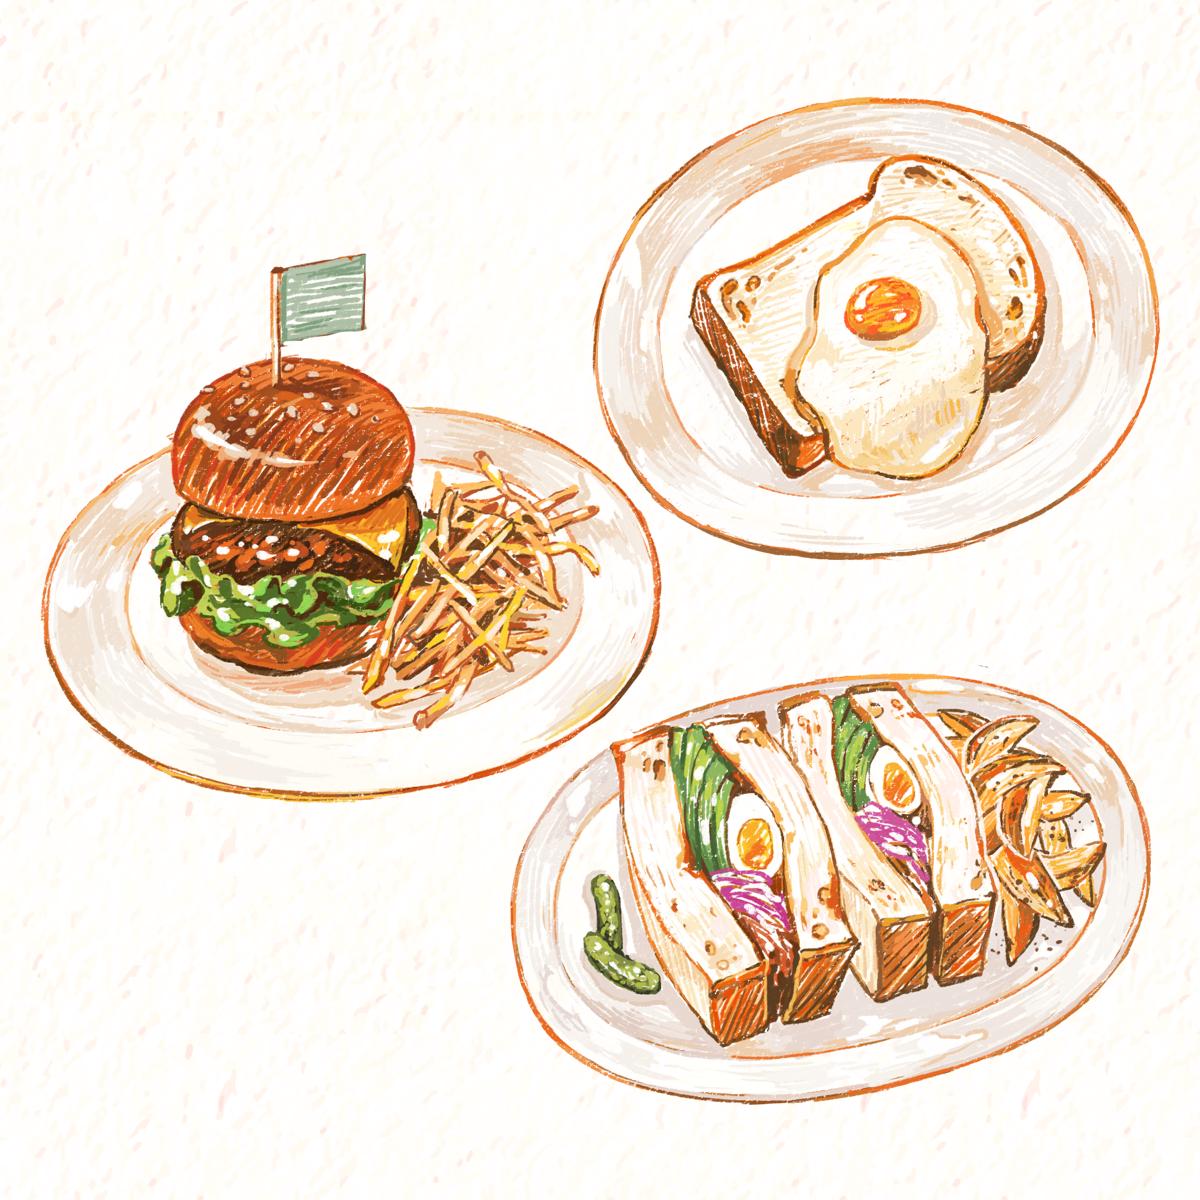 Diner food ~ illustration   Food ~ illustrations 2 in 2019